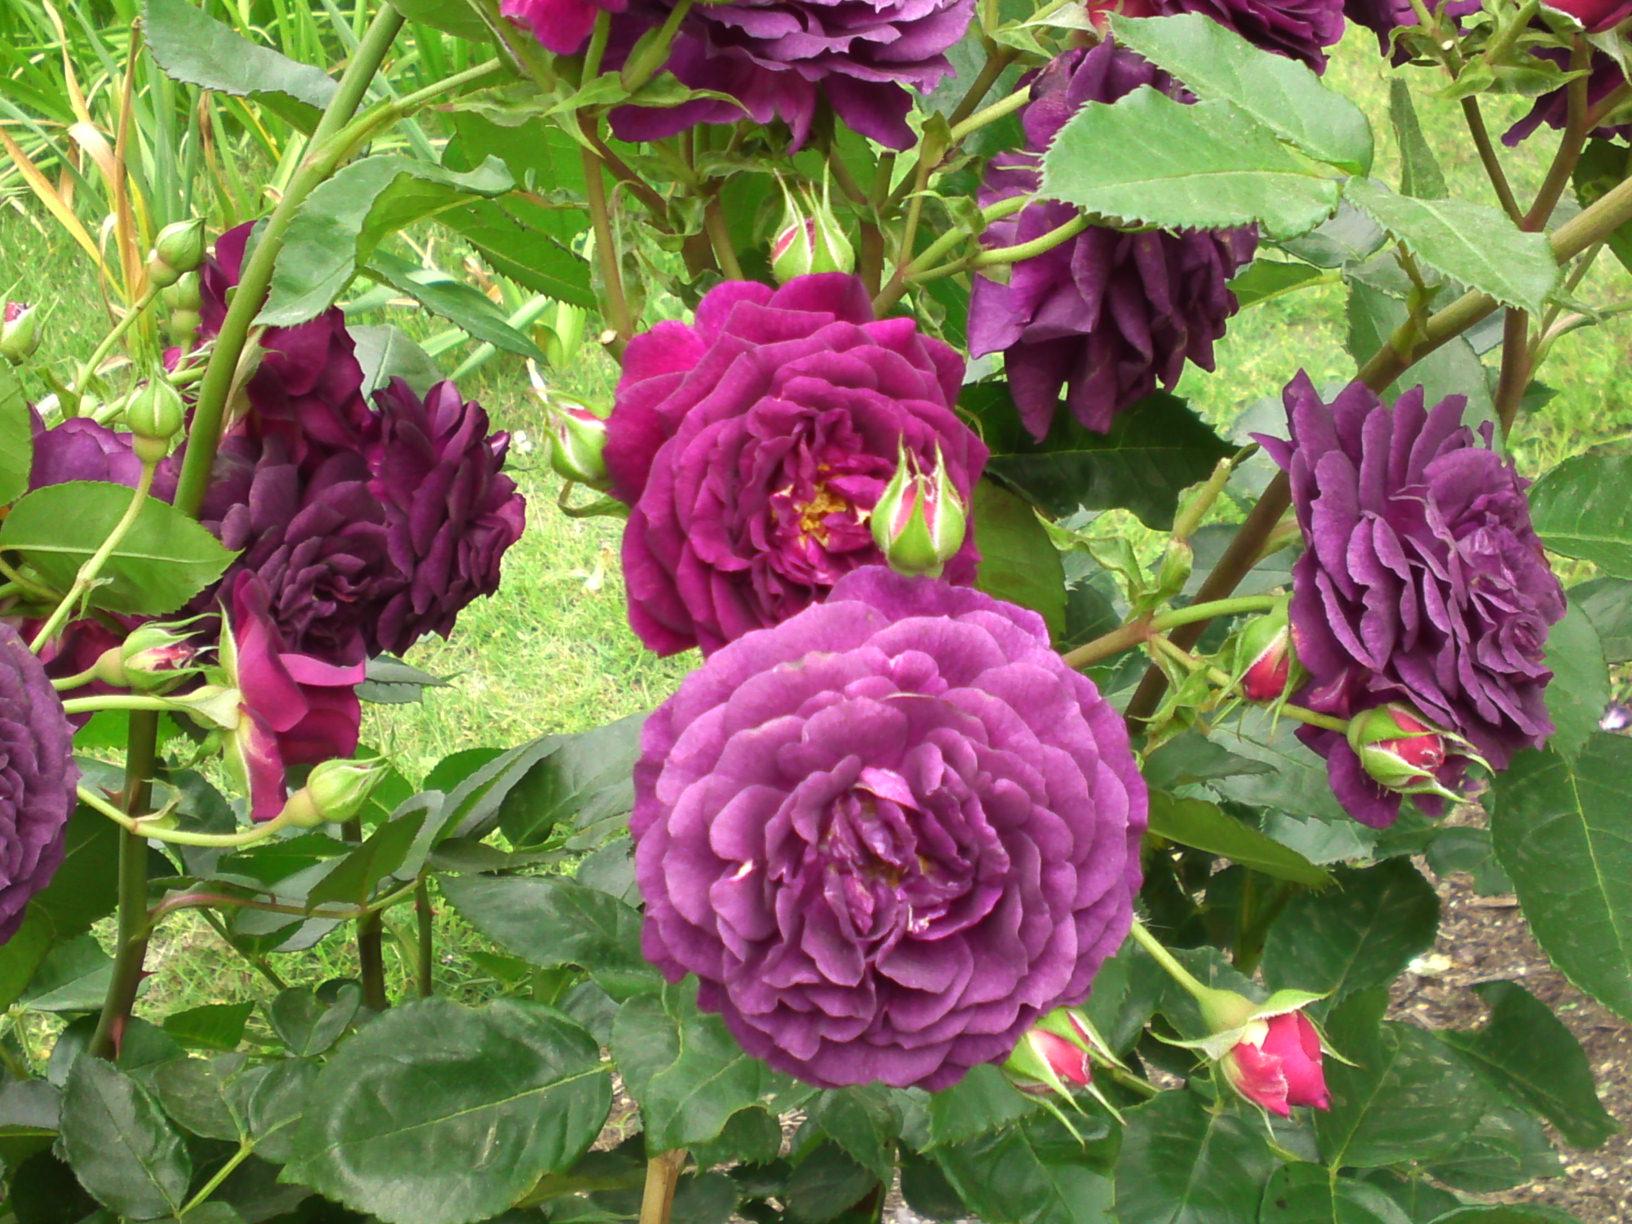 Roses In Garden: Roses In Hamana Lake Flower Garden In Hamamatsu Ciy